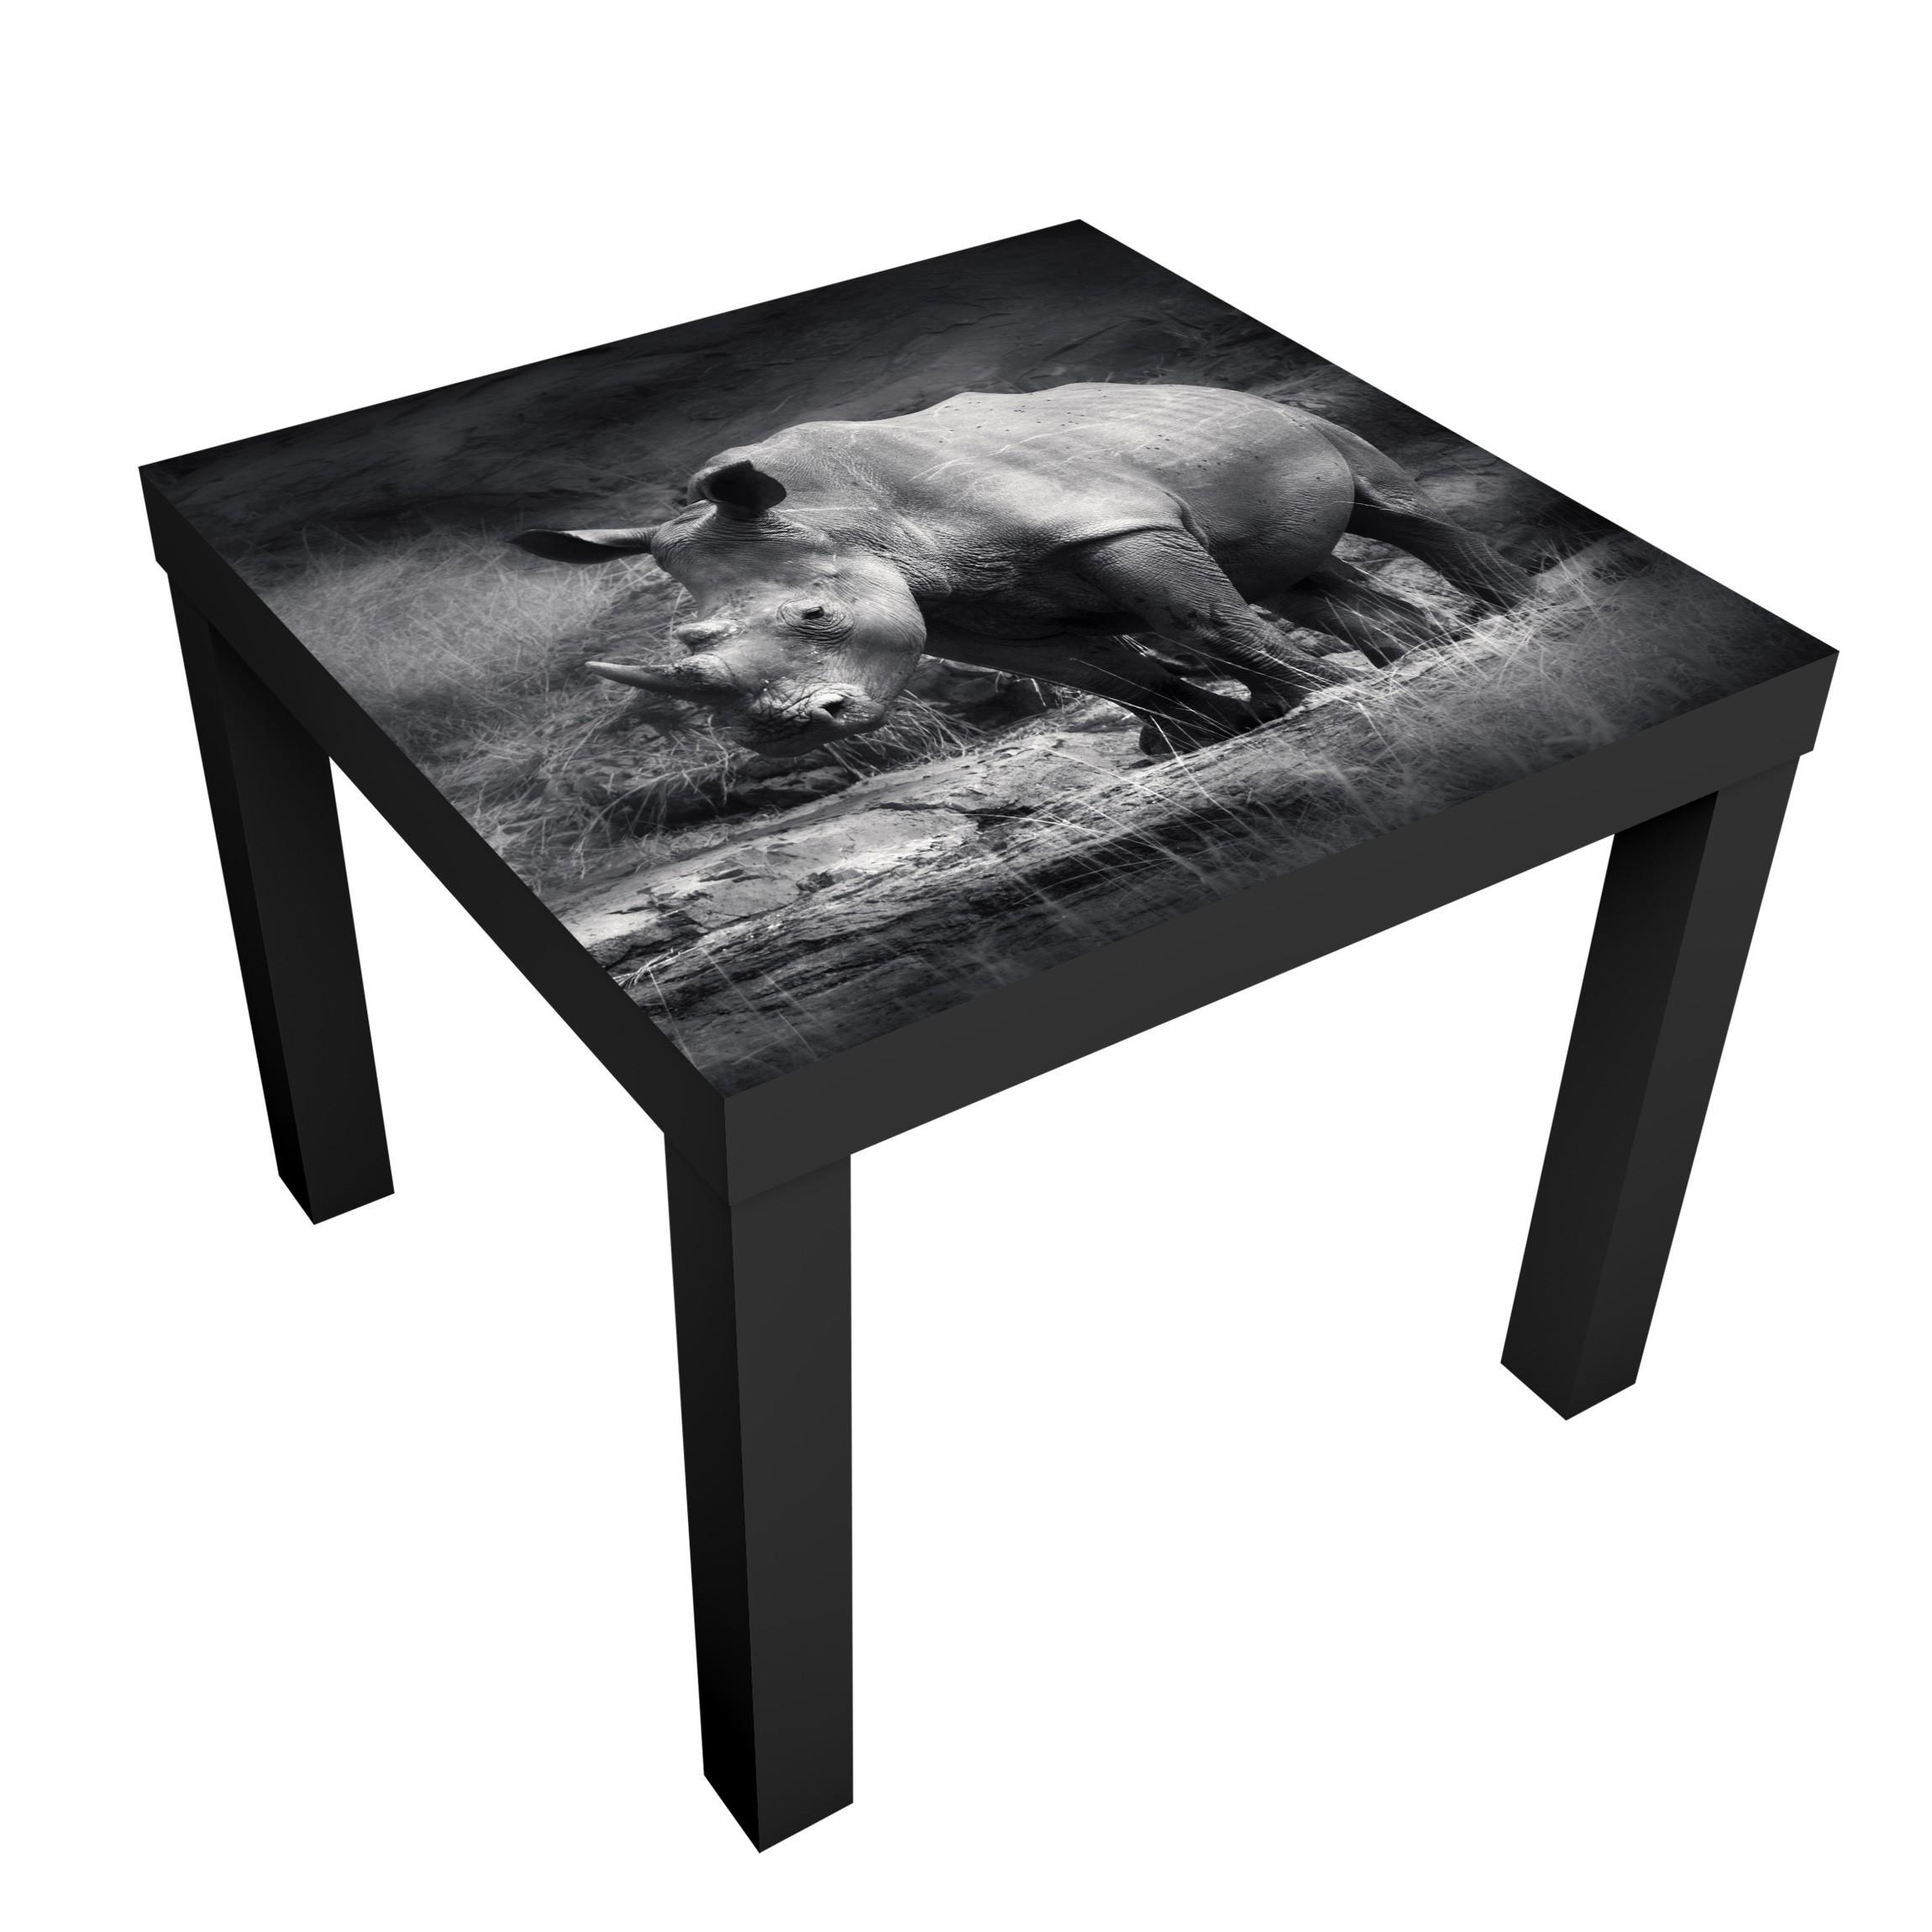 Carta adesiva per mobili ikea lack tavolino lonesome - Carta adesiva colorata per mobili ...